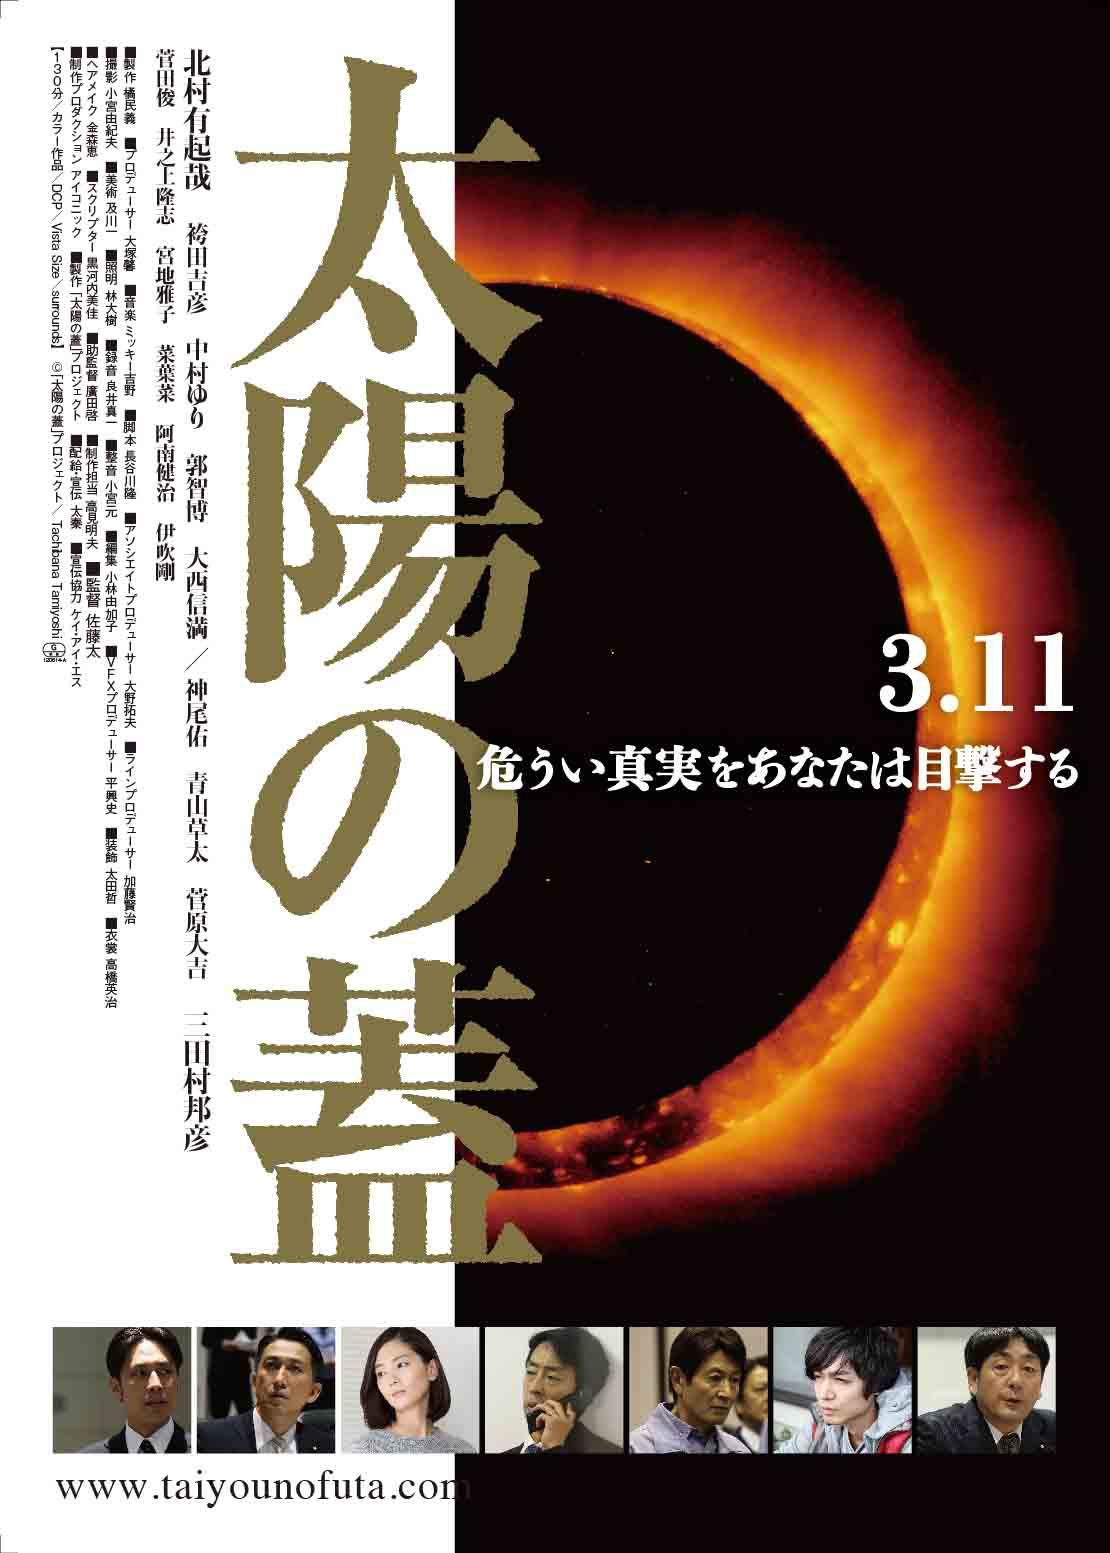 「太陽の蓋」のポスター/チラシ/フライヤー